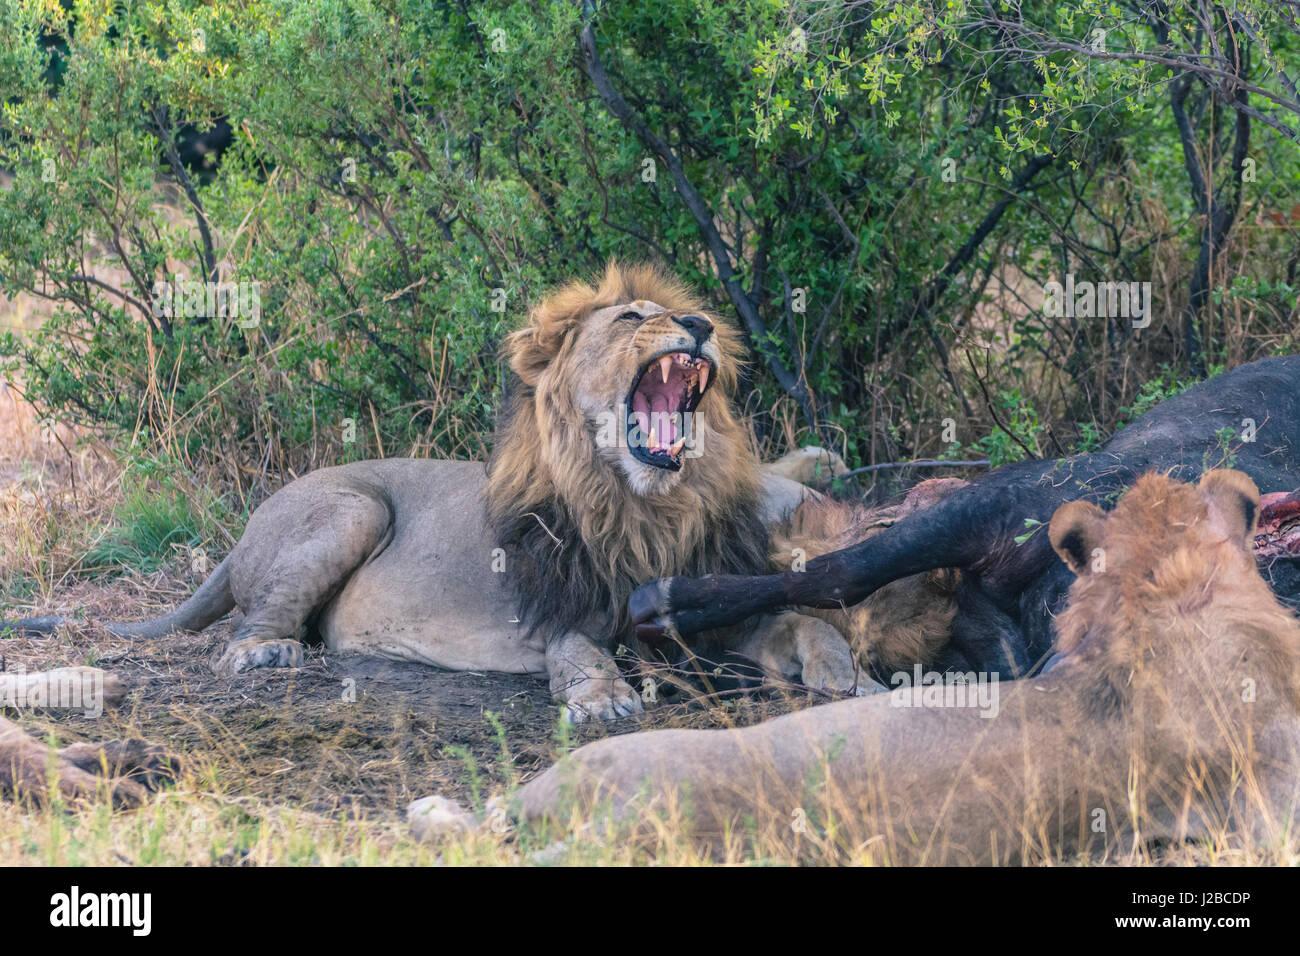 Botswana. Chobe National Park. Savuti. Male lion yawning while the pride eats a Cape buffalo. - Stock Image